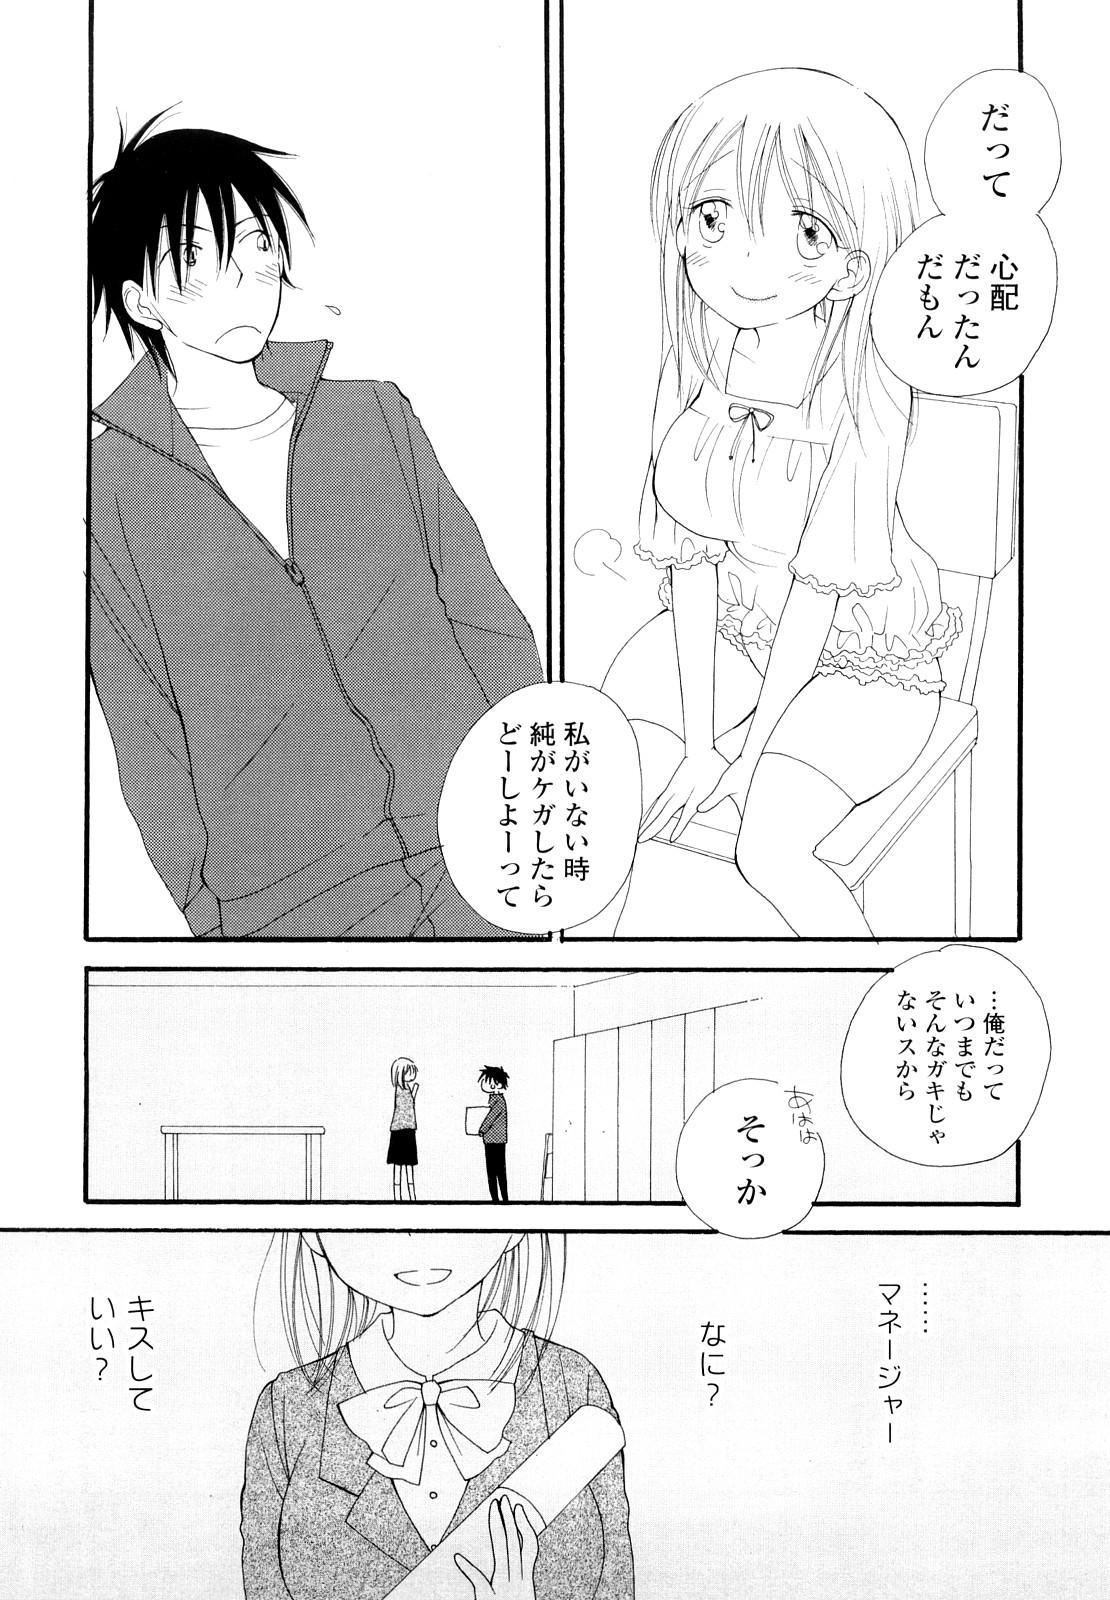 Houkago Nyan Nyan 163